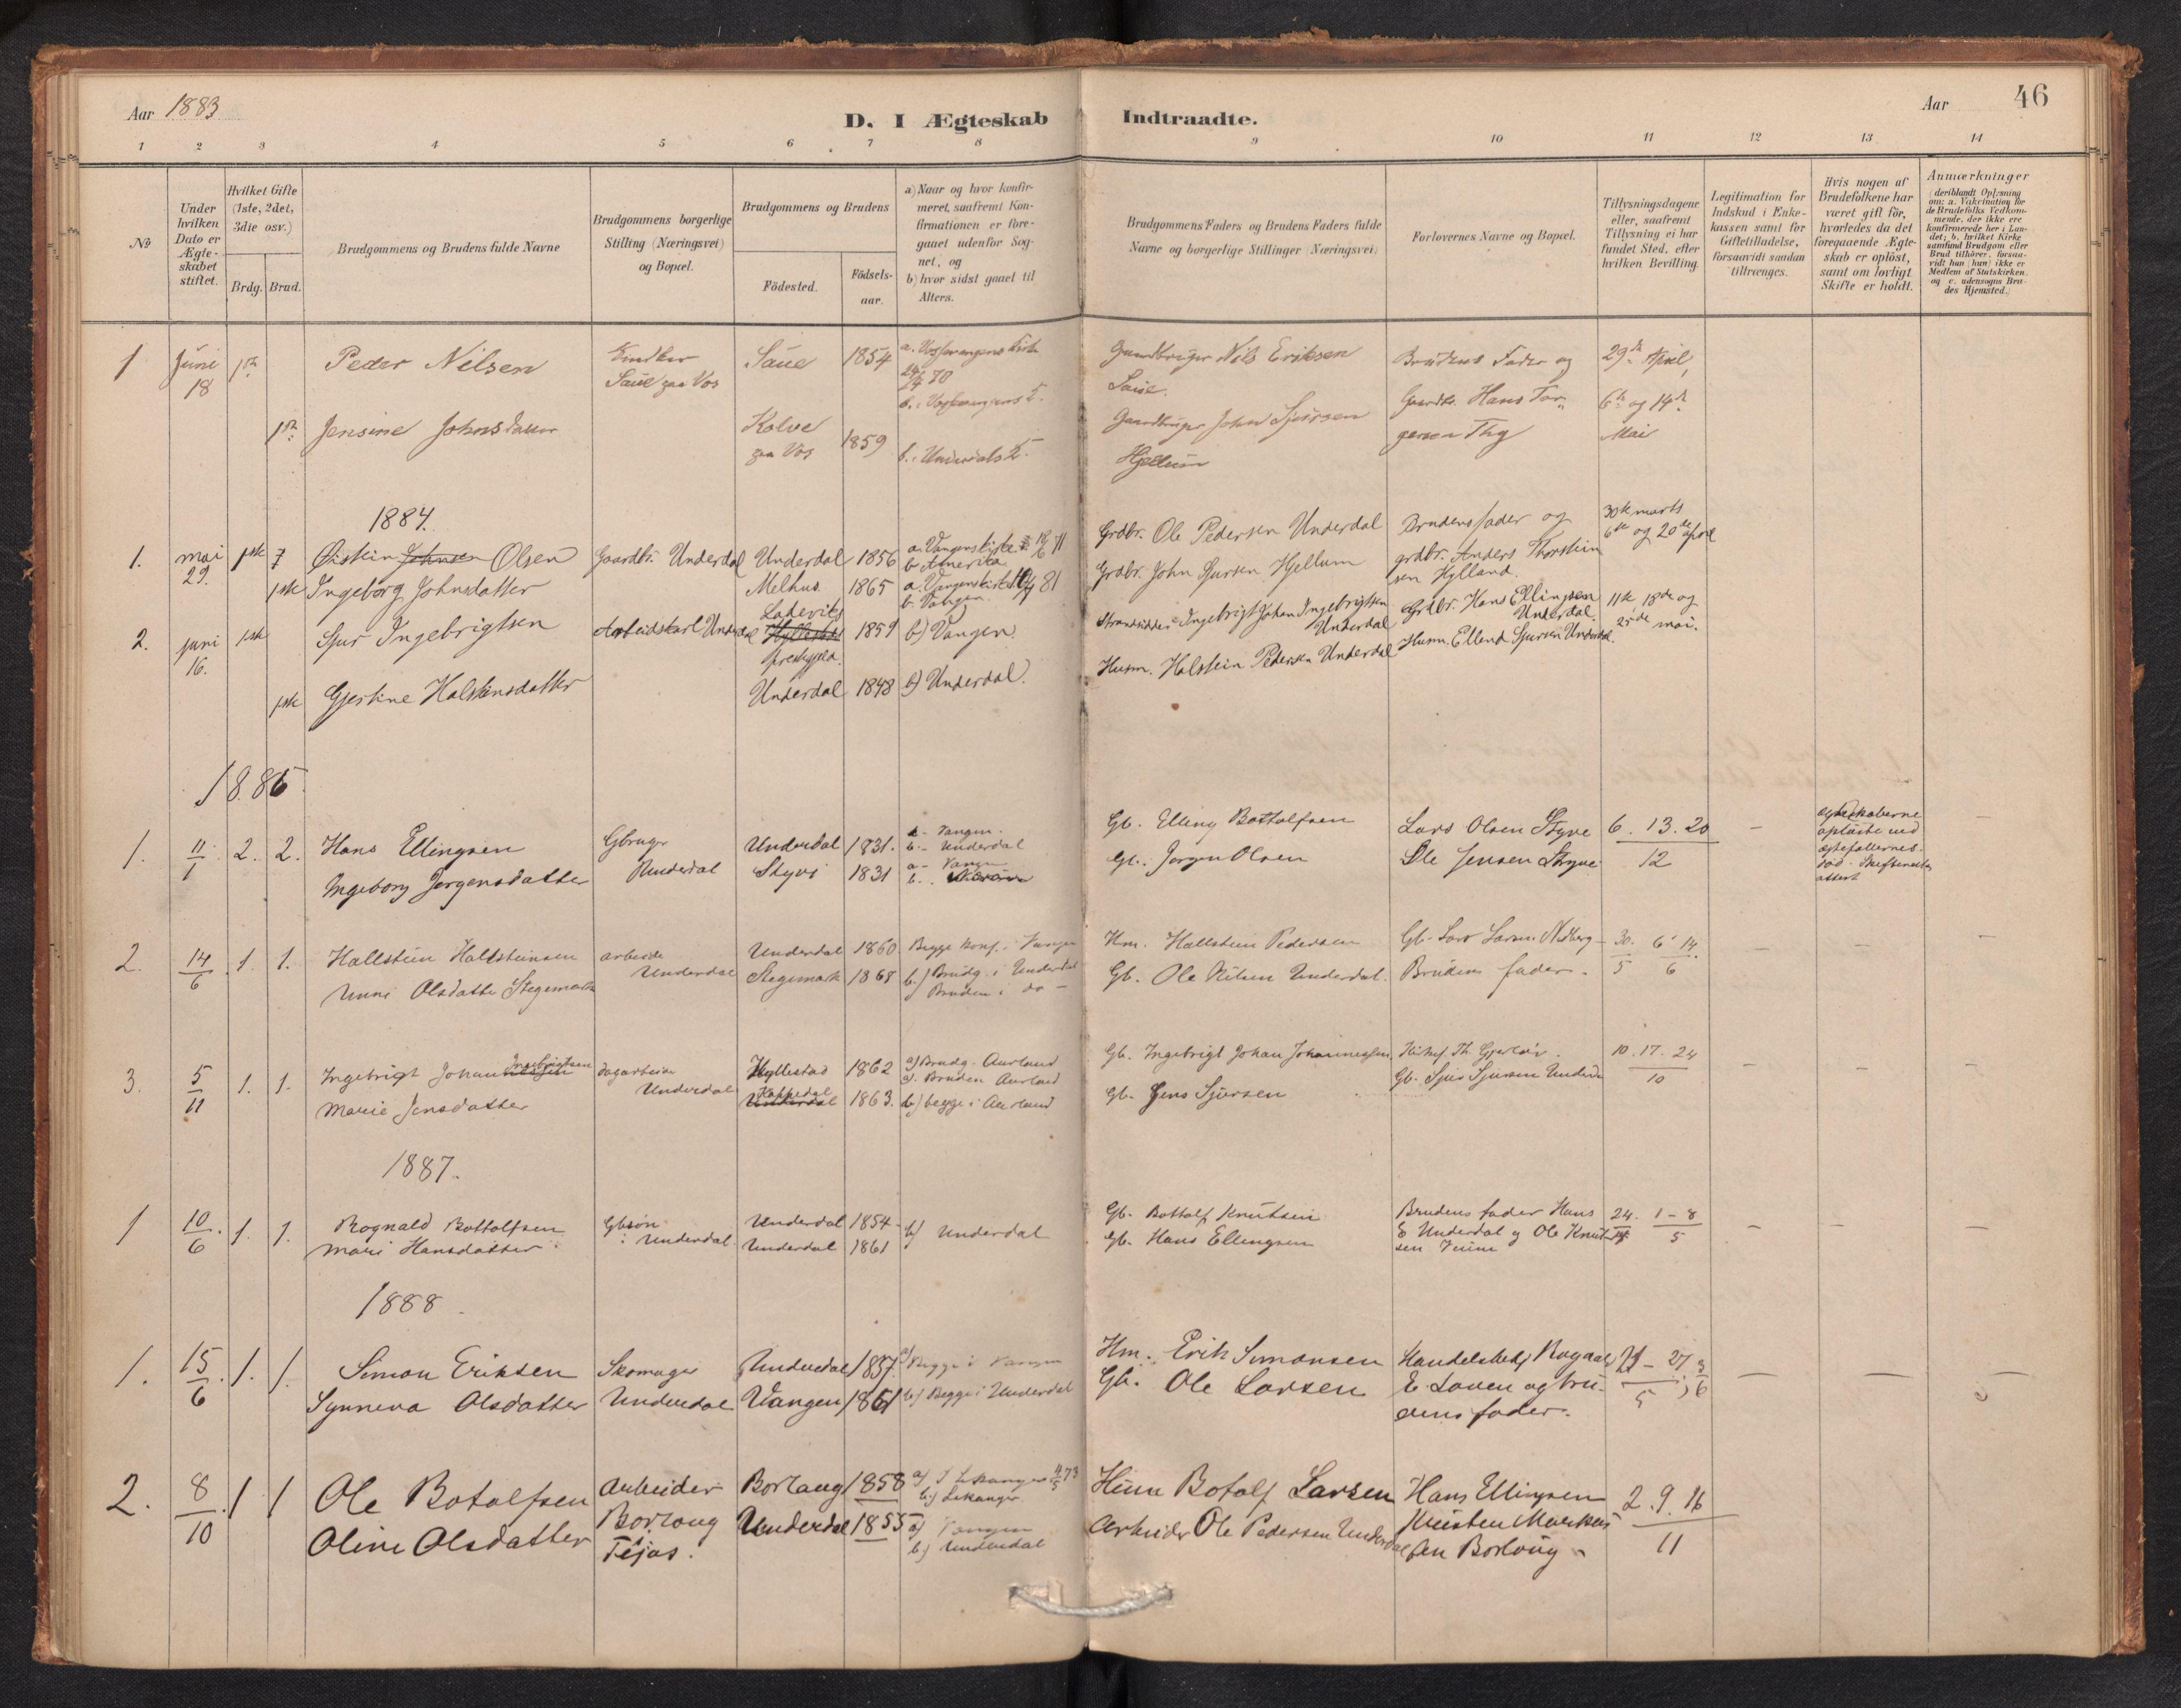 SAB, Aurland Sokneprestembete*, Ministerialbok nr. E 1, 1880-1907, s. 45b-46a